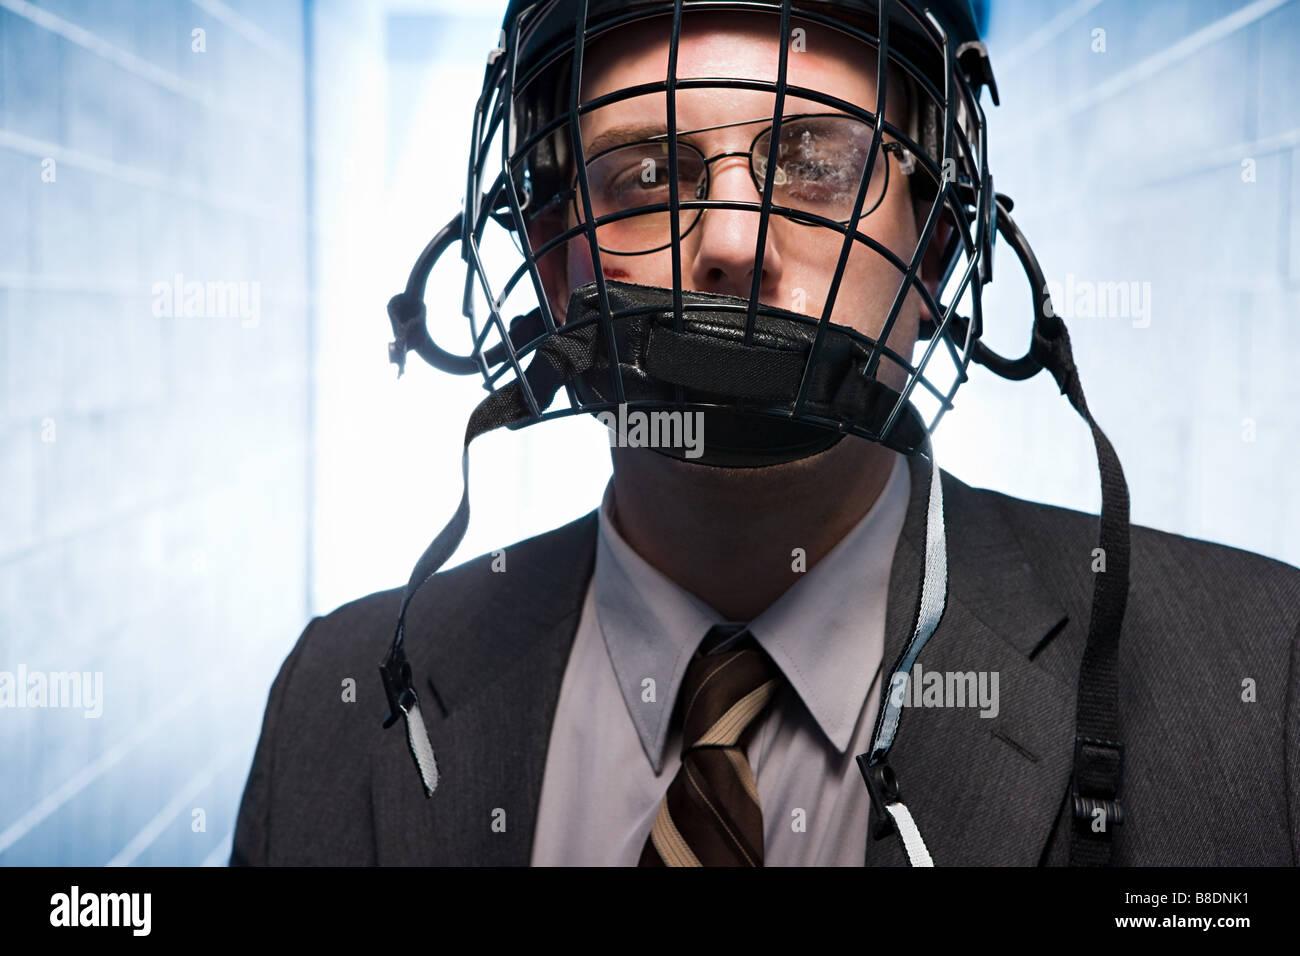 Homme blessé portant un casque de hockey sur glace Photo Stock